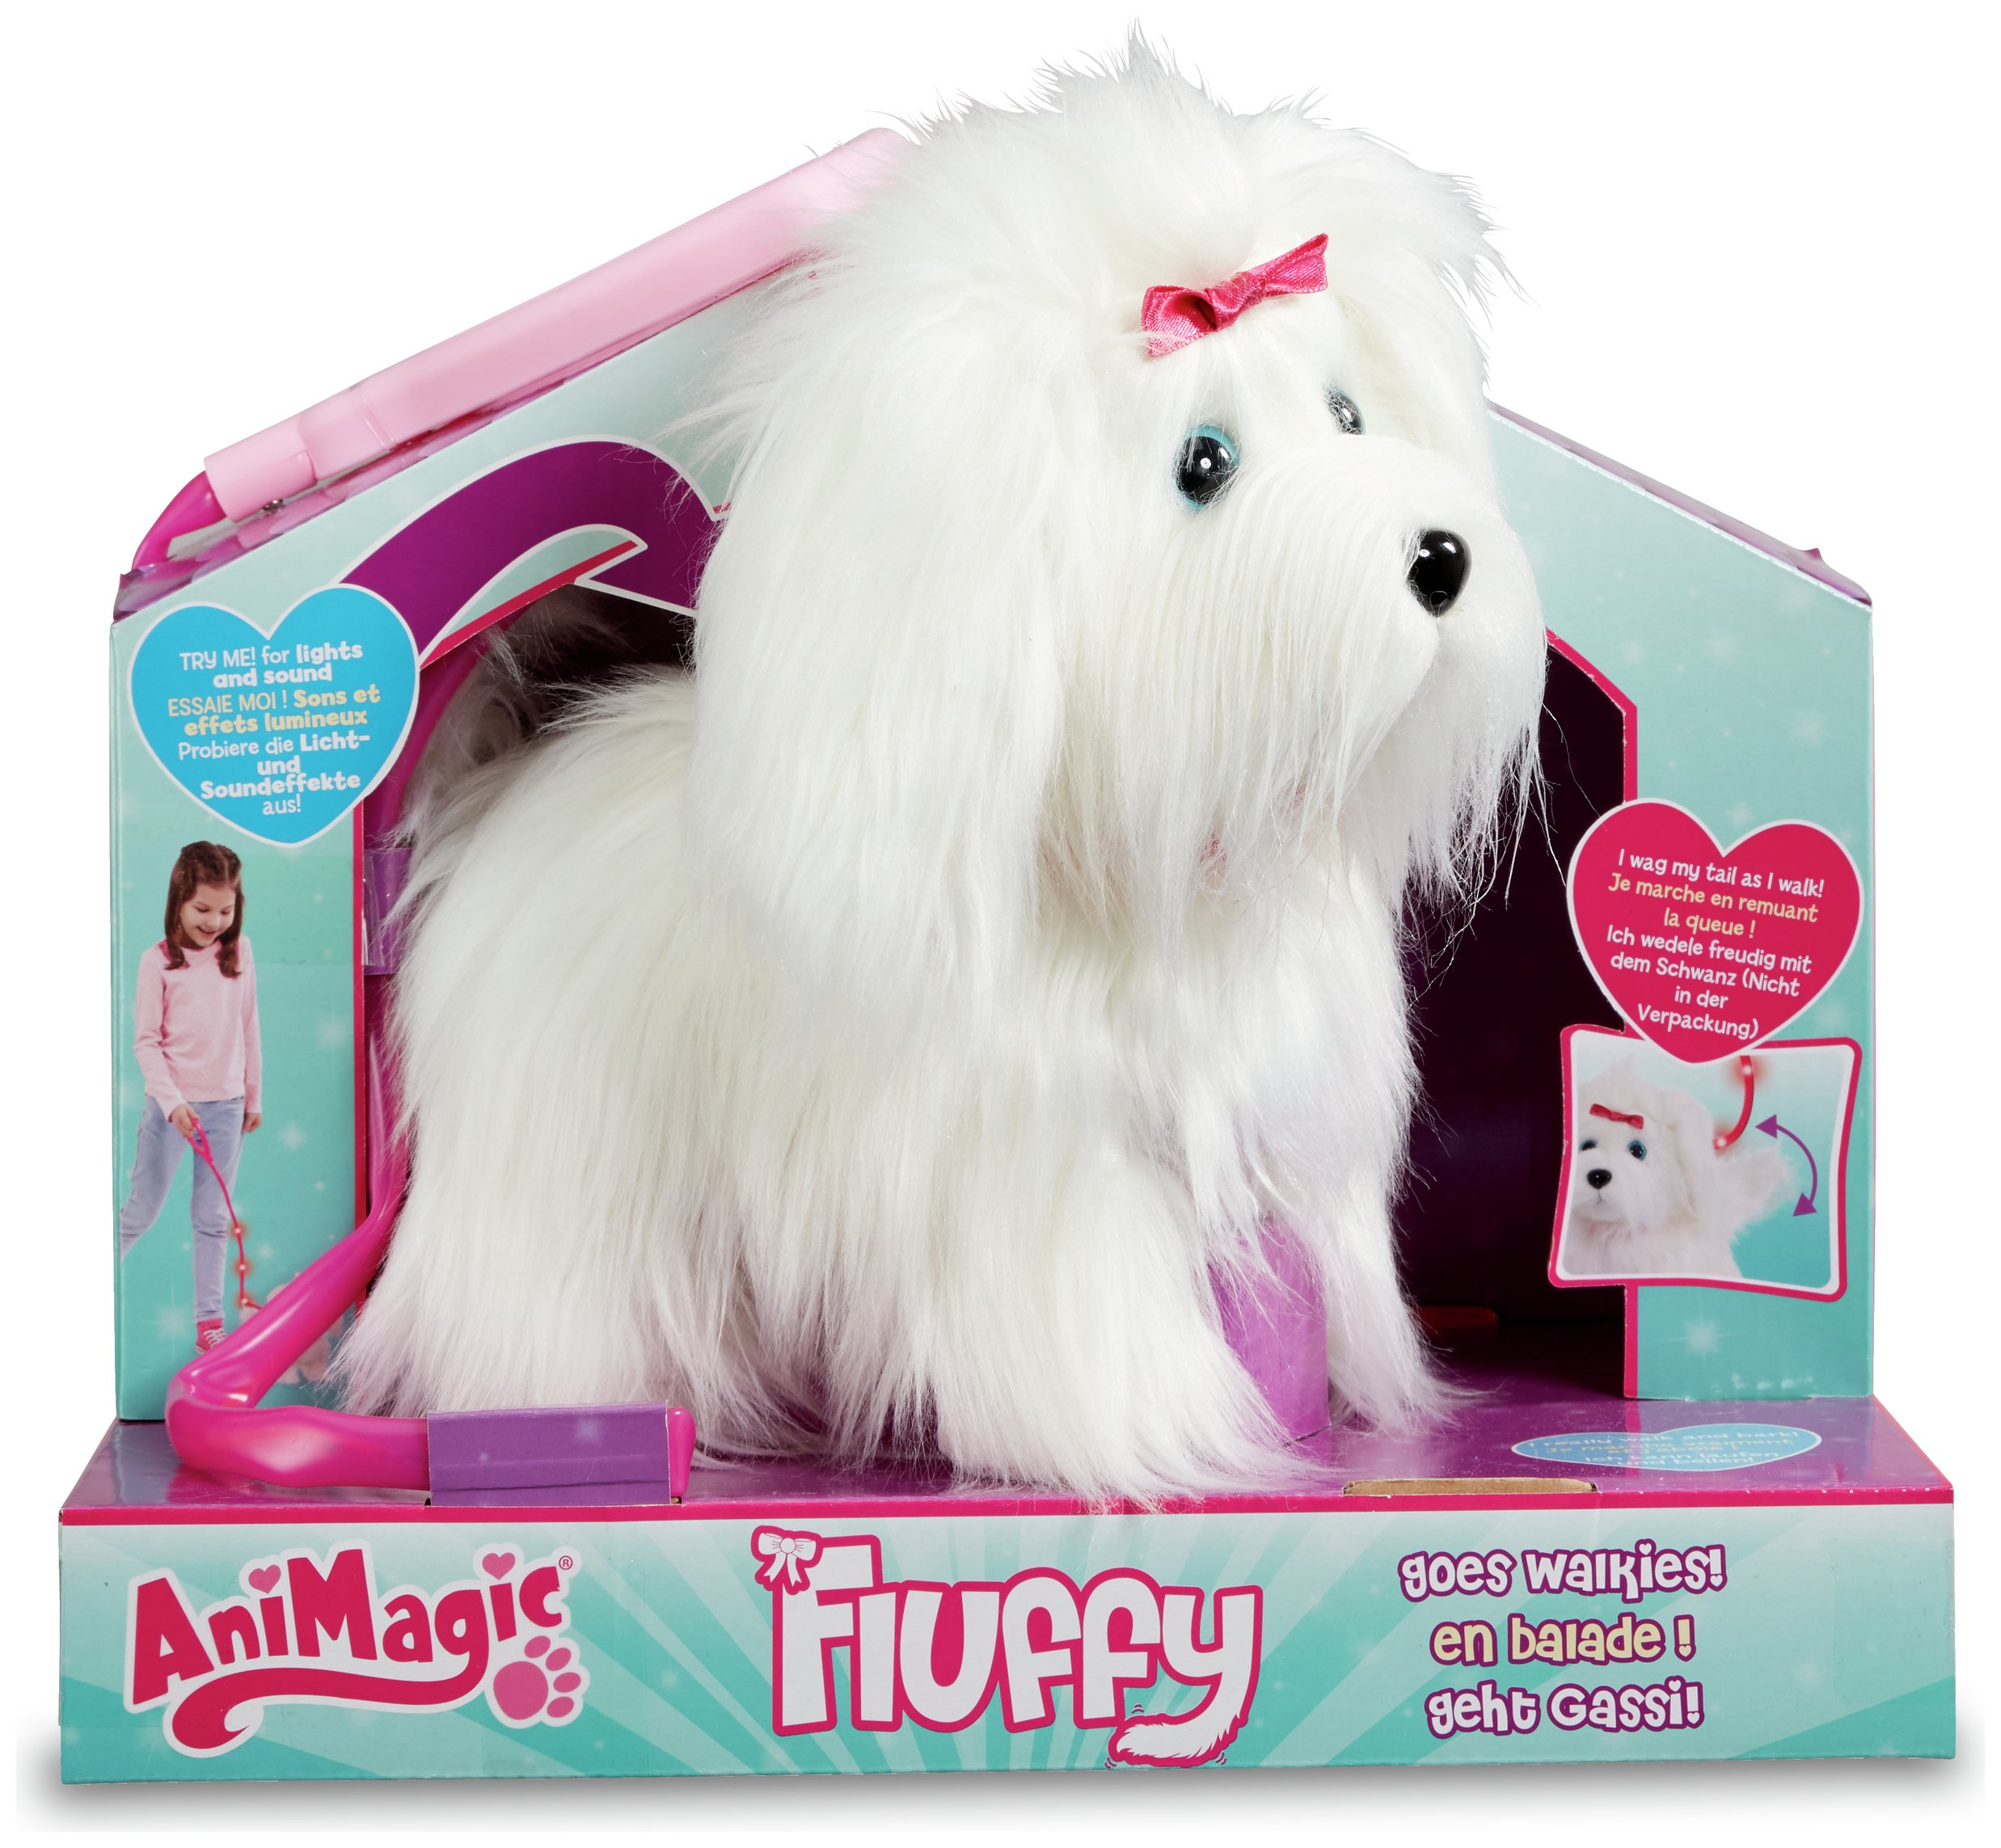 Image of AniMagic Fluffy Goes Walking Soft Toy